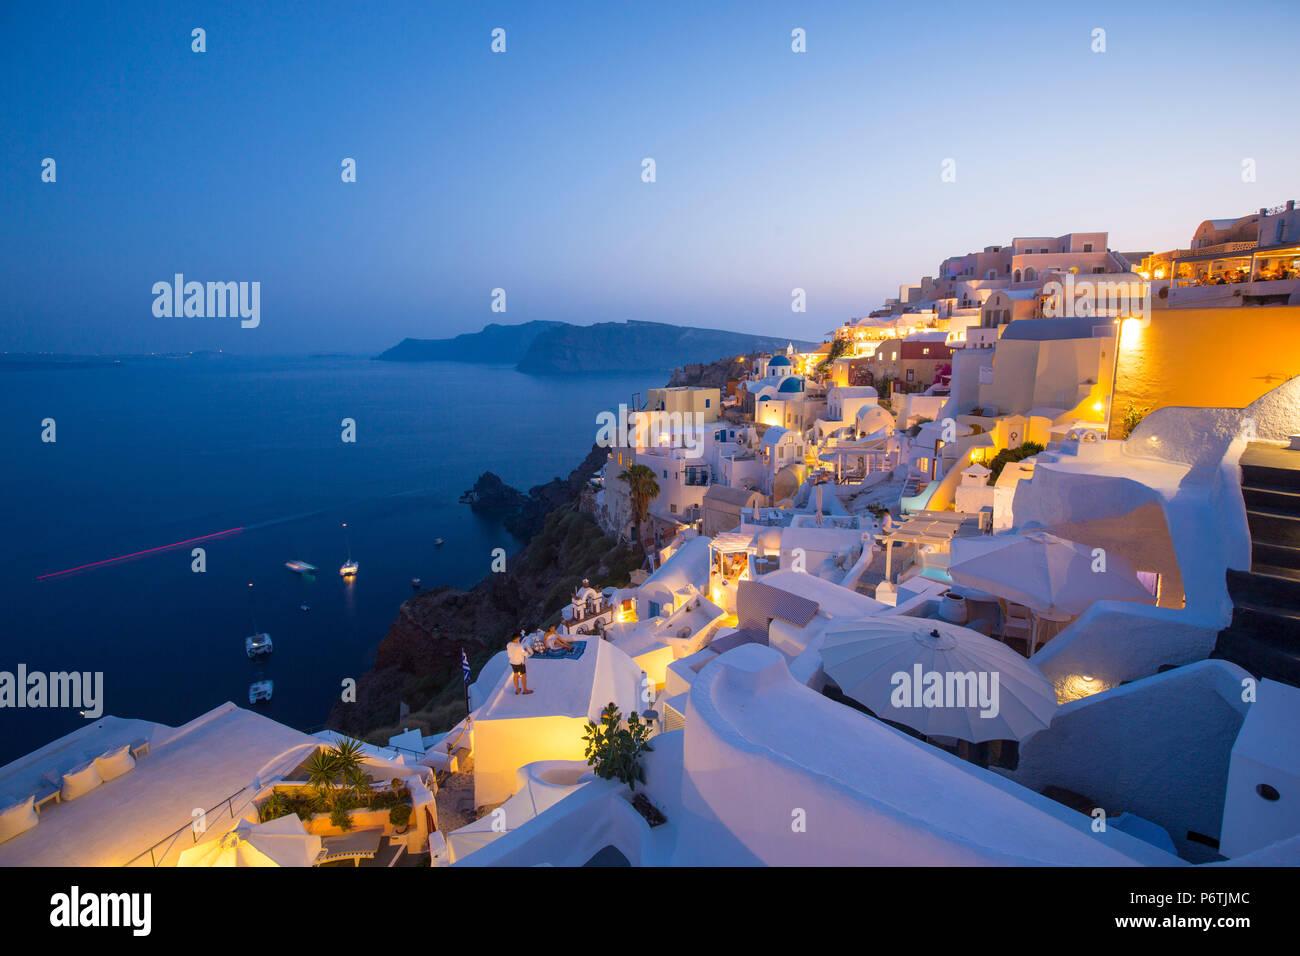 Oia - Santorini (Thira), Isole Cicladi, Grecia Immagini Stock